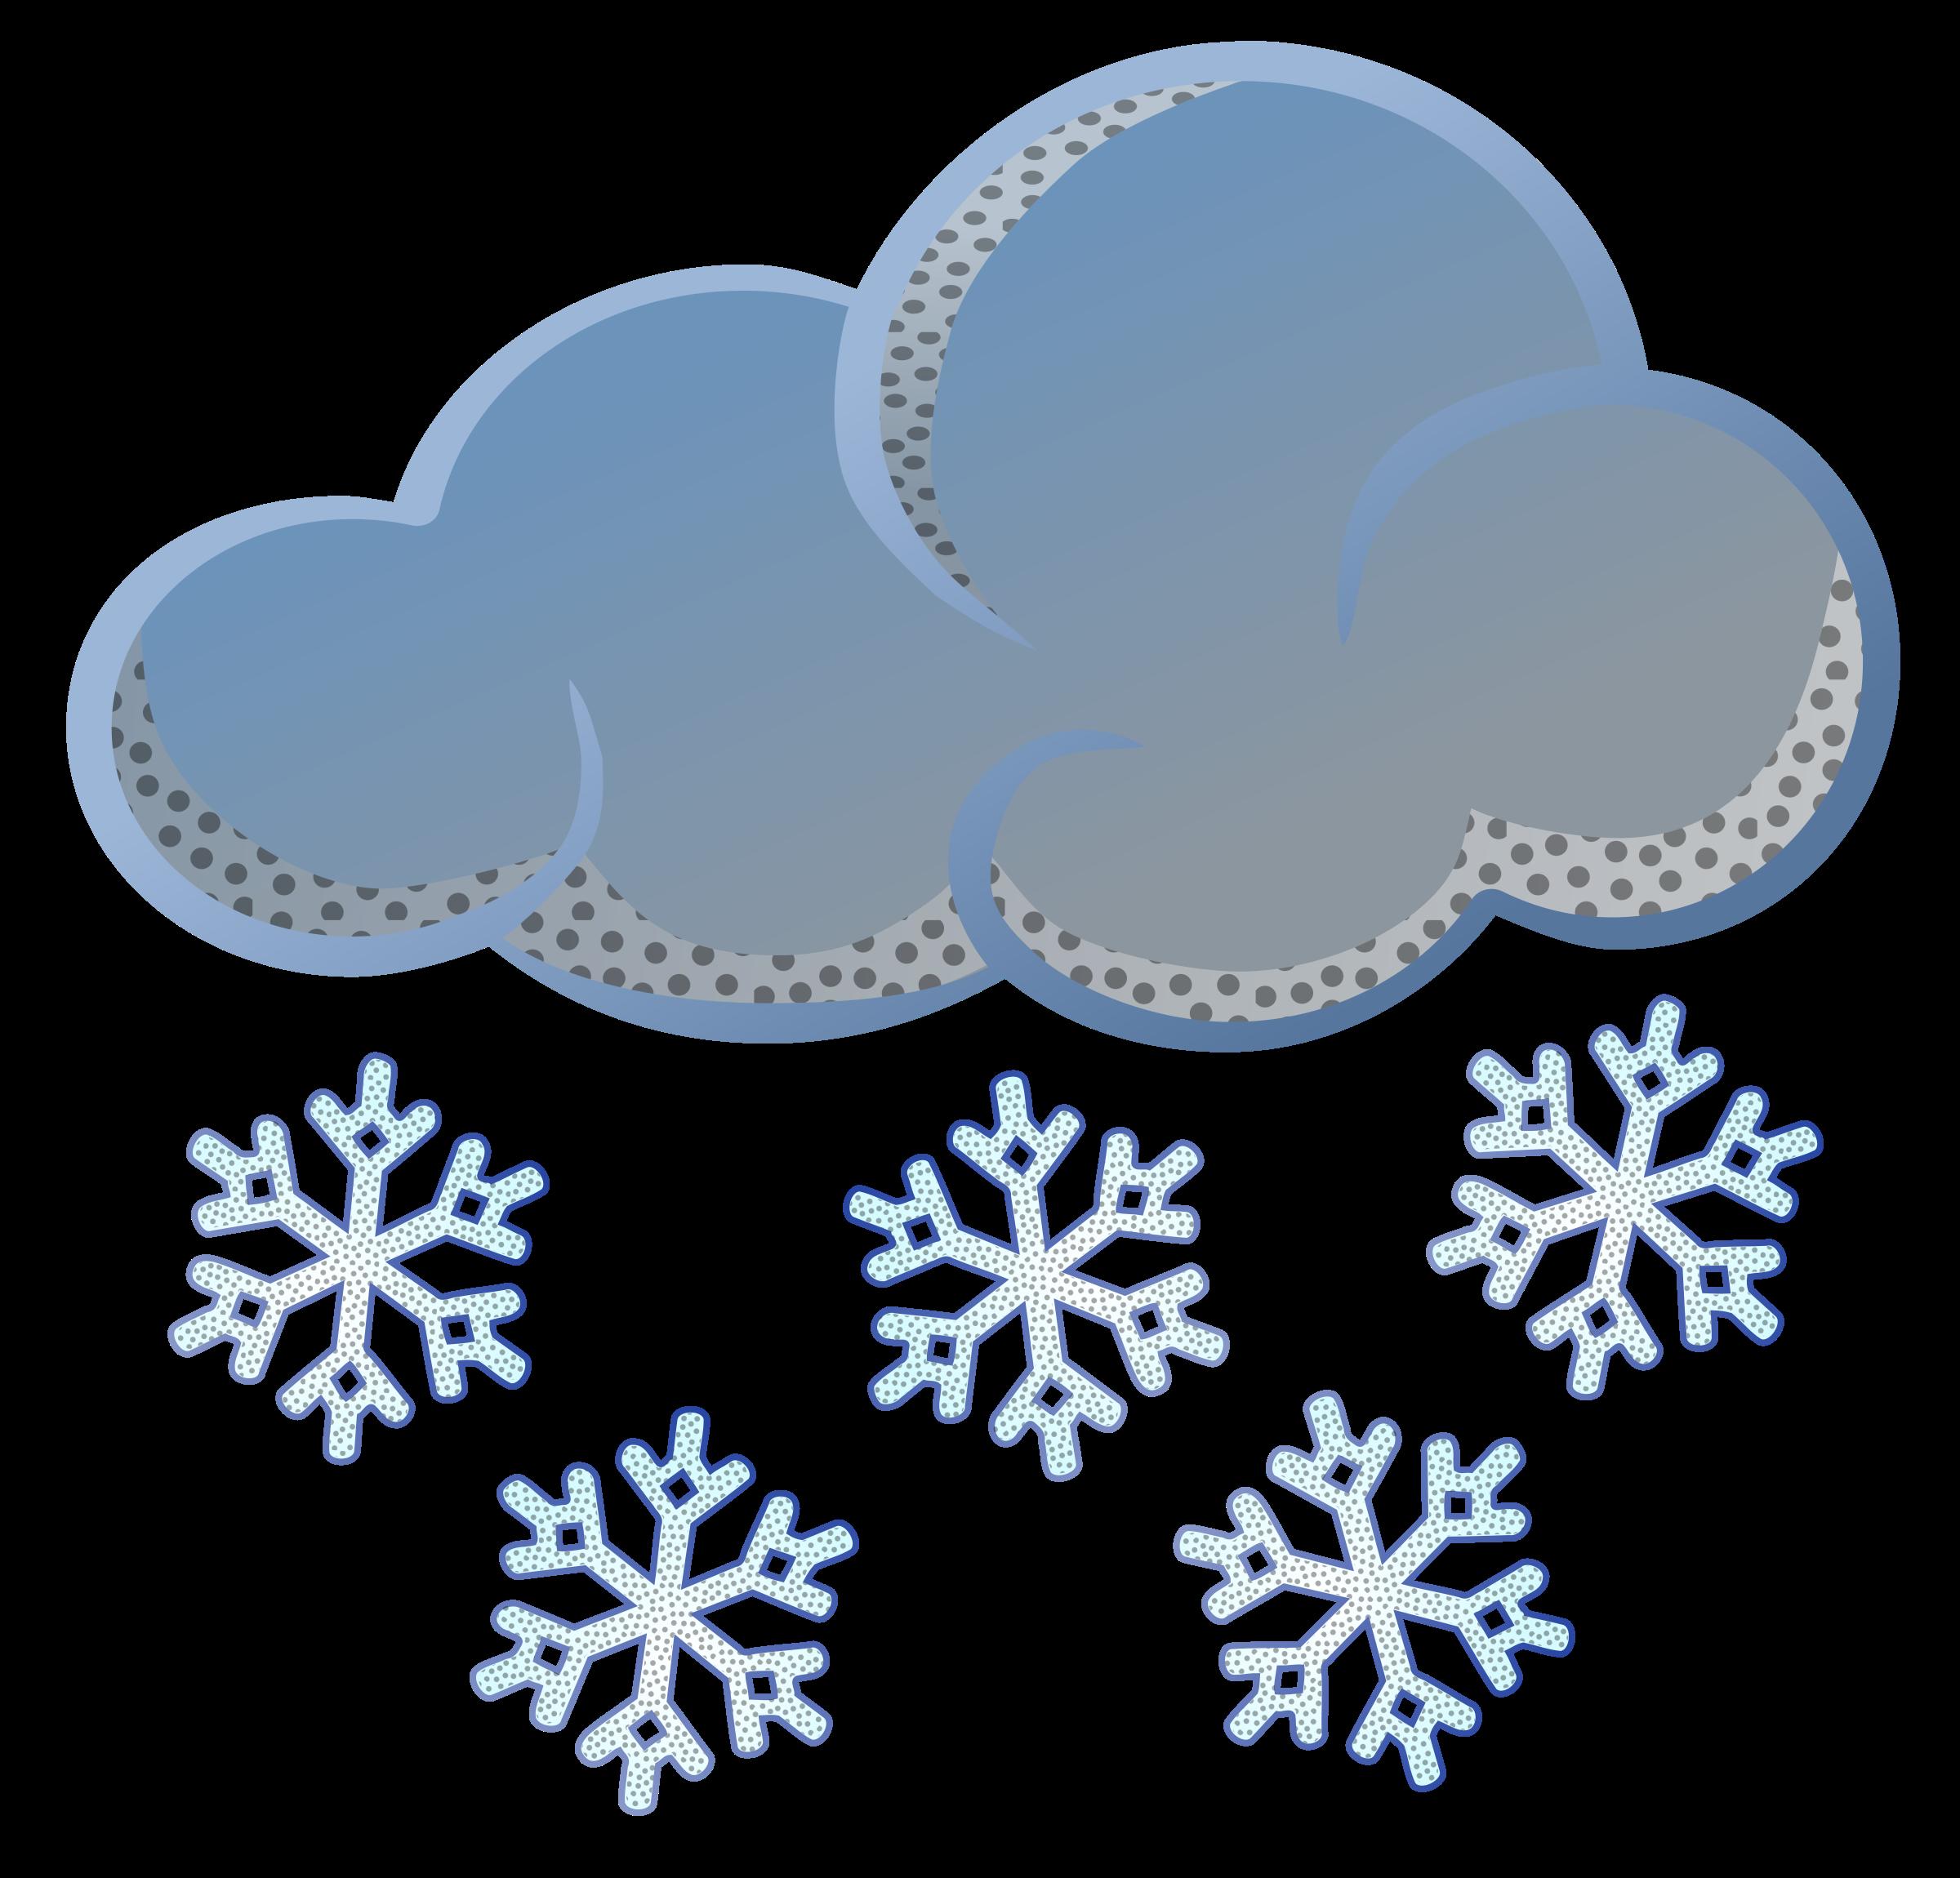 snow clipart-snow clipart-2